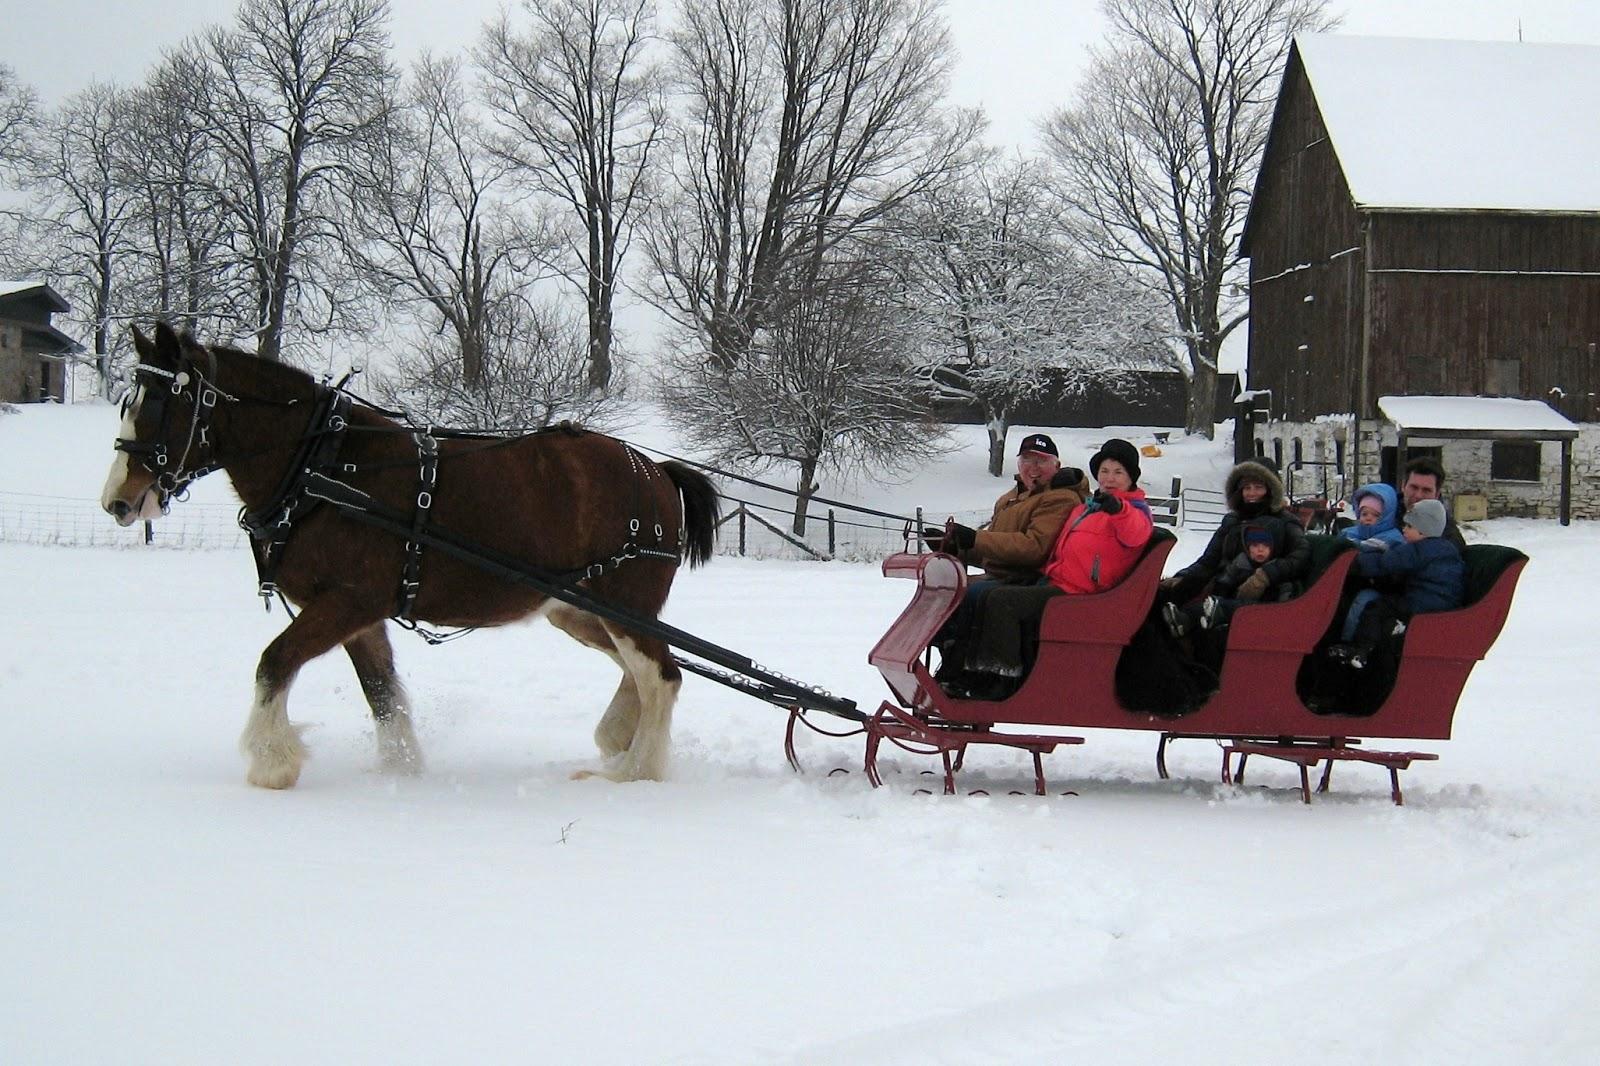 http://1.bp.blogspot.com/-S-Vk3FNp8Jg/UJD2S7vUyXI/AAAAAAAACtA/dbRw7w5lpuI/s1600/Copy+of+2008+Feb+2+Snow+@+CVF+edited+3.jpg